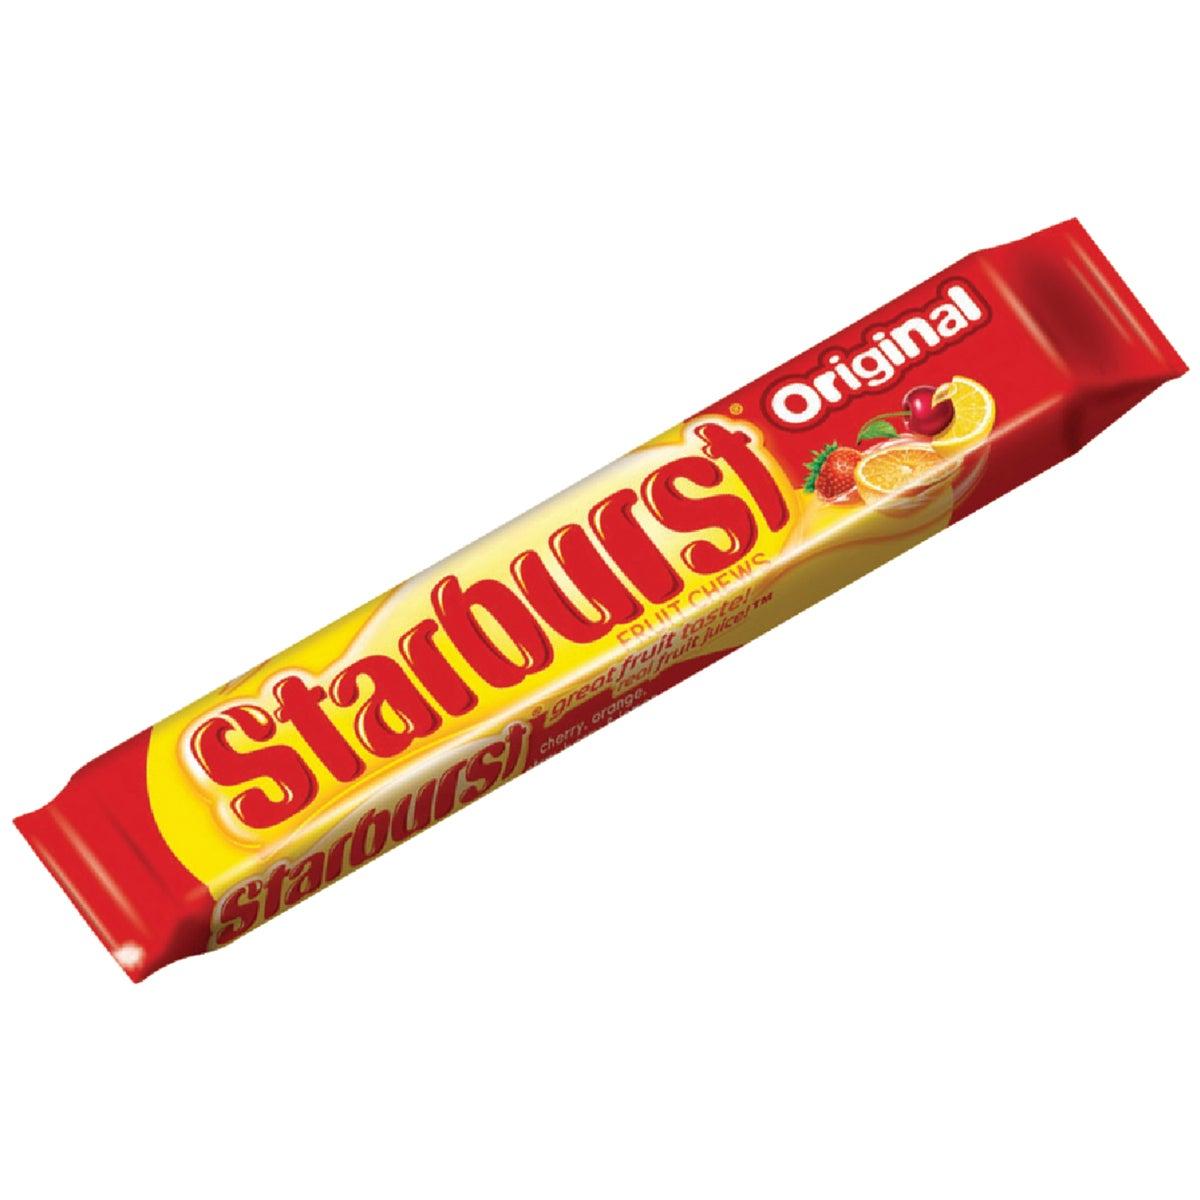 ORIGINAL STARBURST